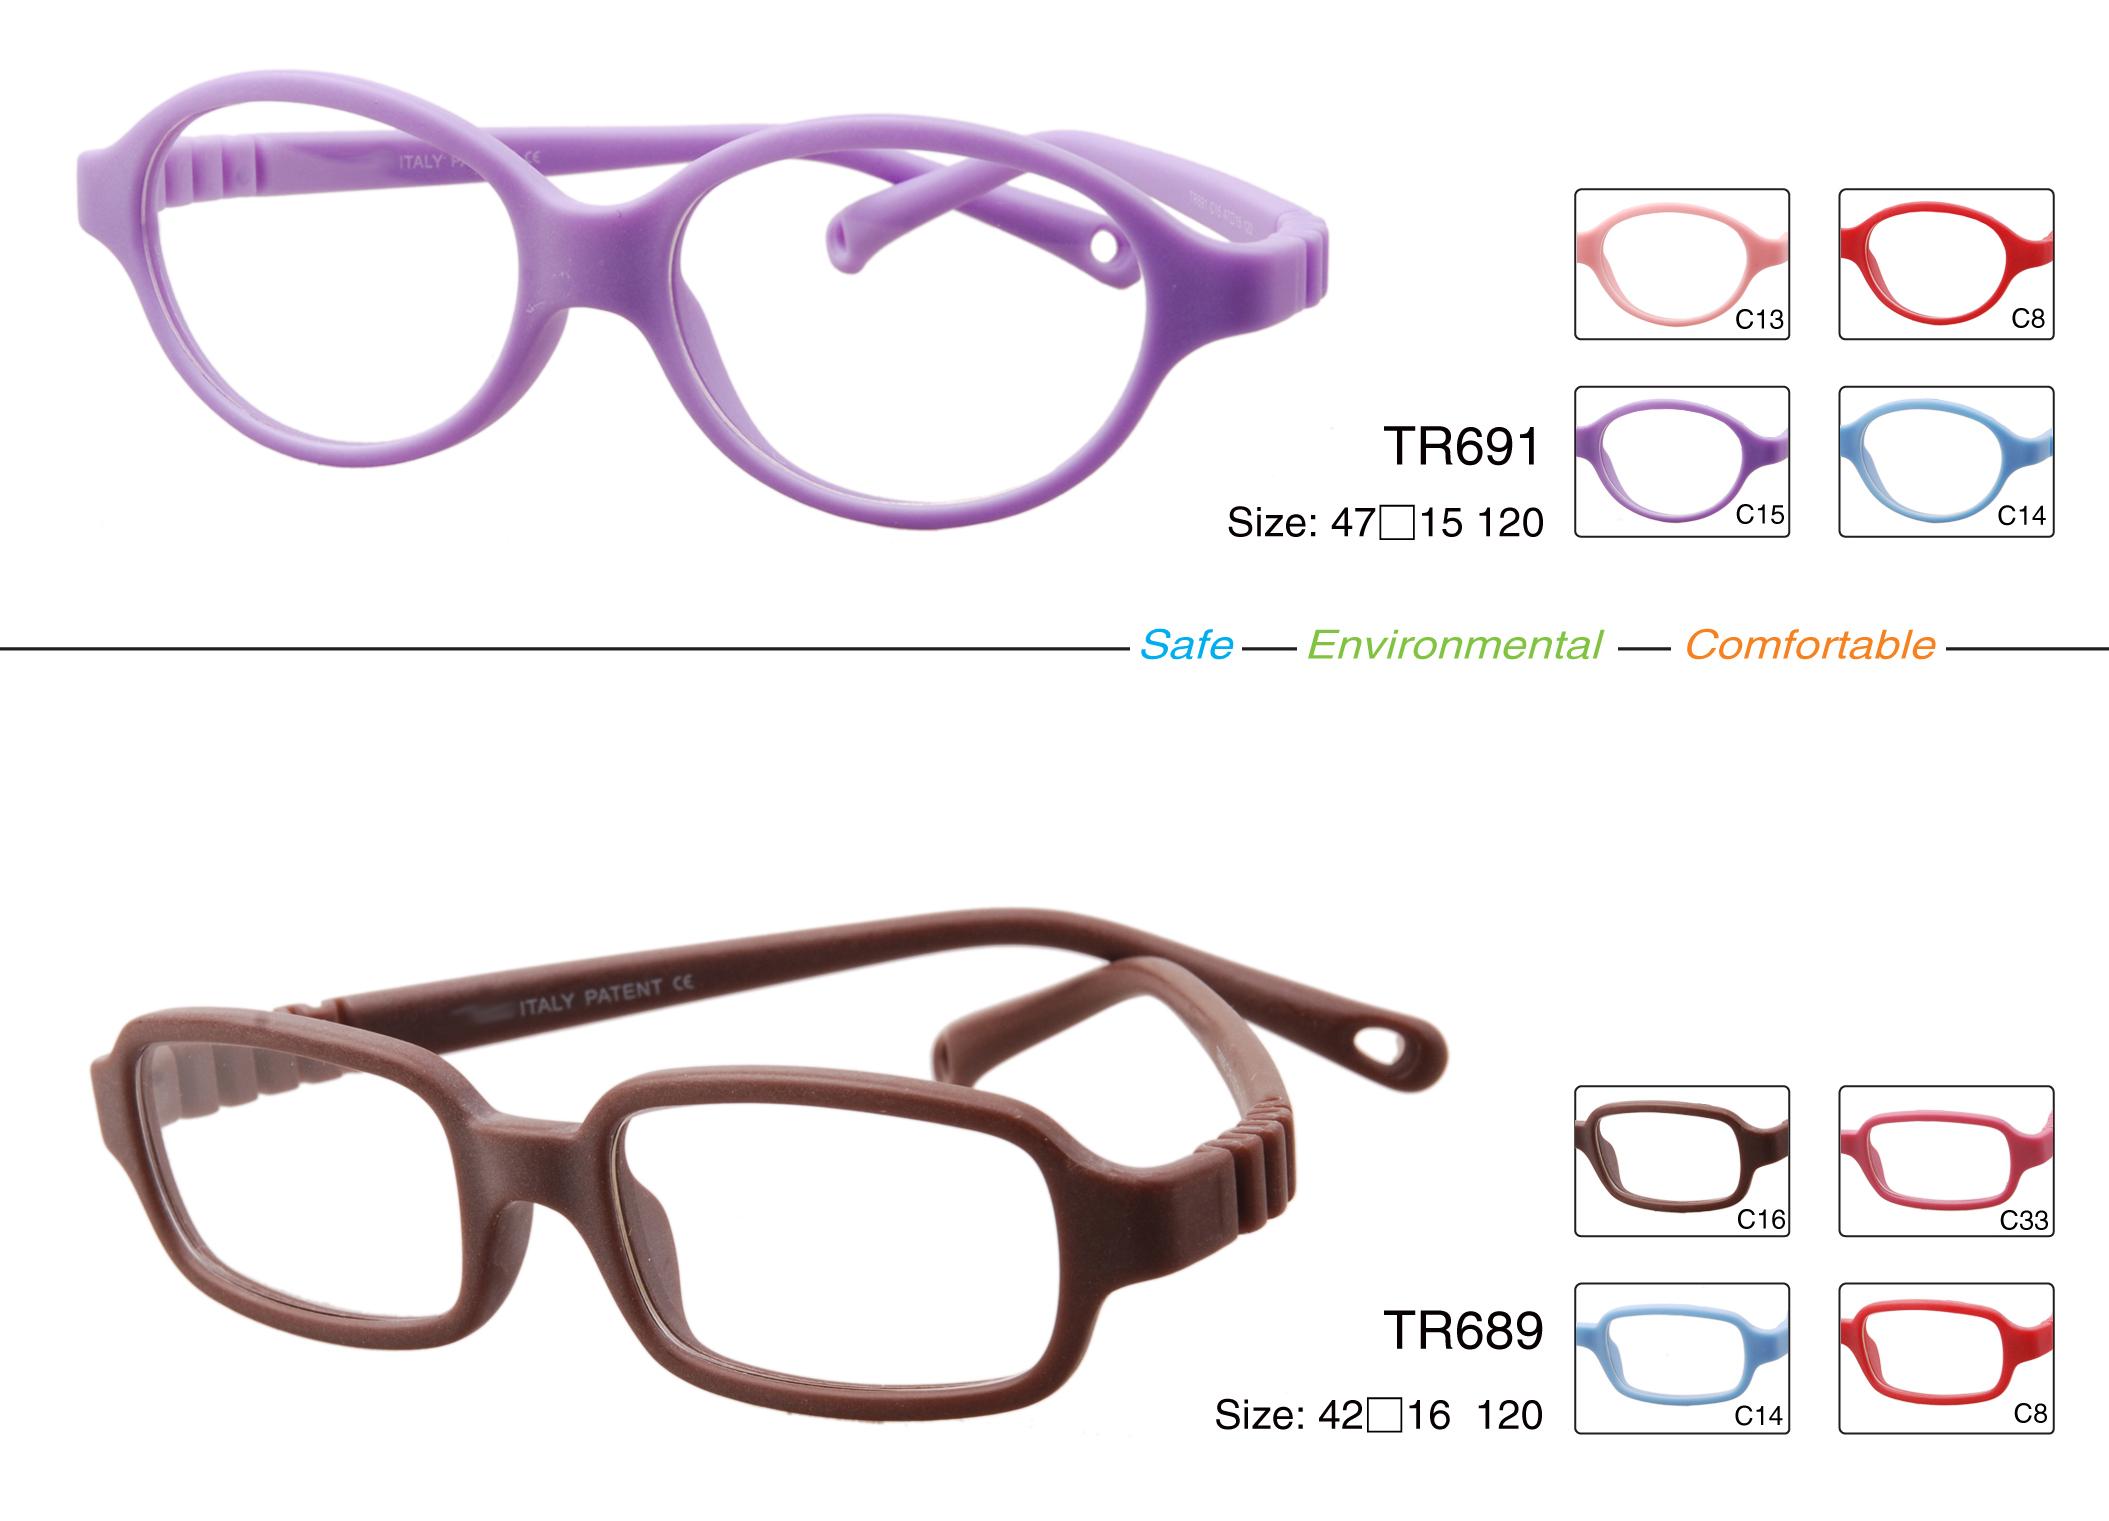 Kiszámoltuk, mennyi egy jó szemüveg - HáziPatika